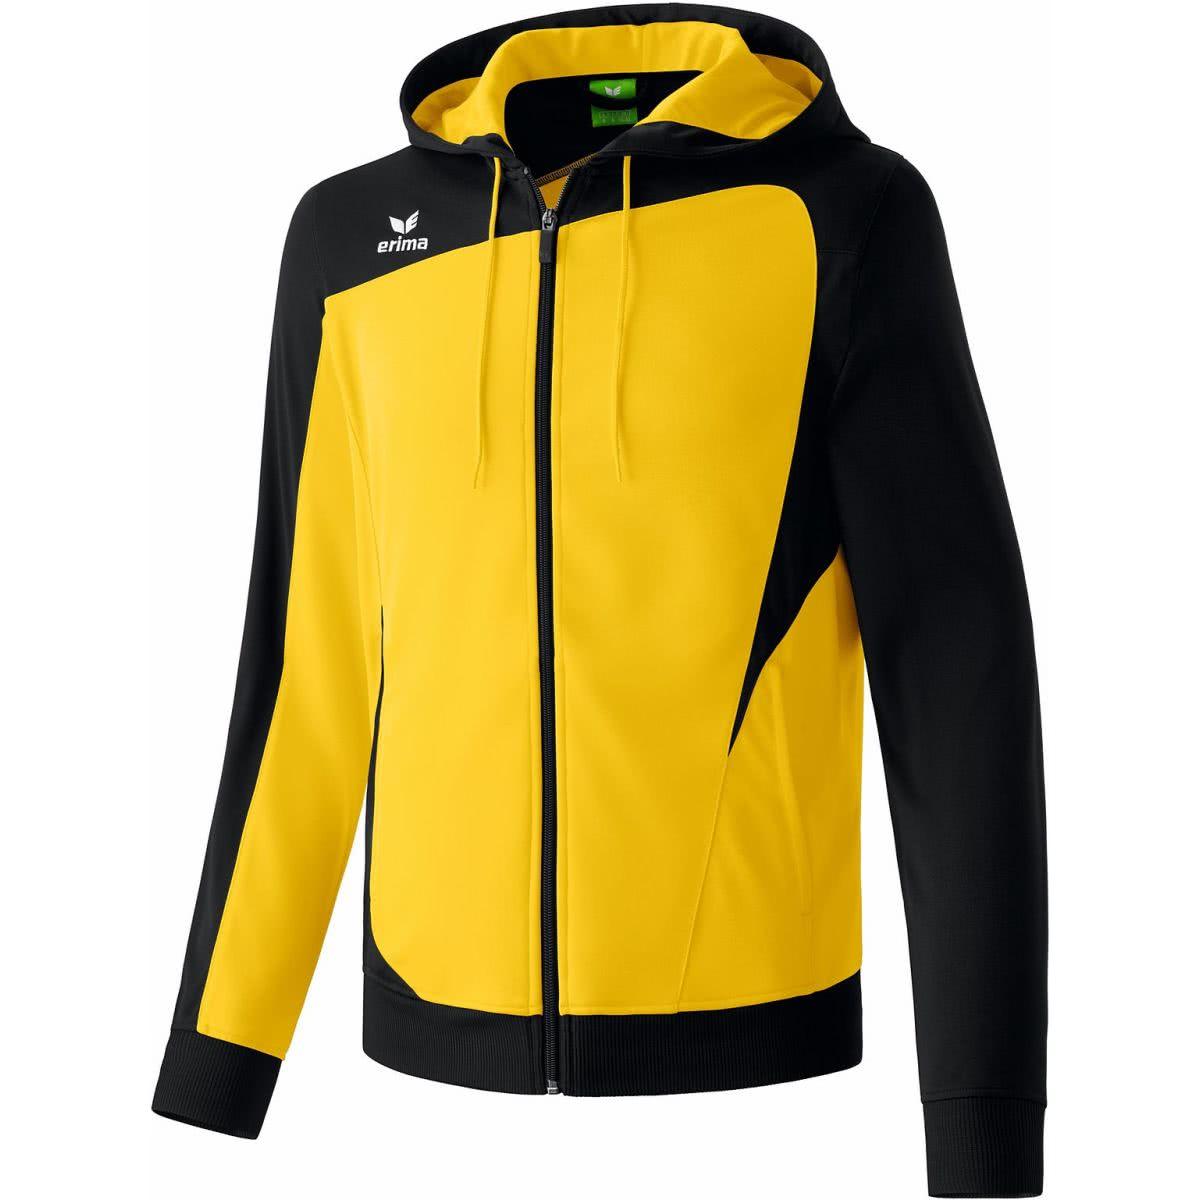 schwarz gelbe trainingsjacke mit kapuze sportartikel und fussballschuhe news. Black Bedroom Furniture Sets. Home Design Ideas